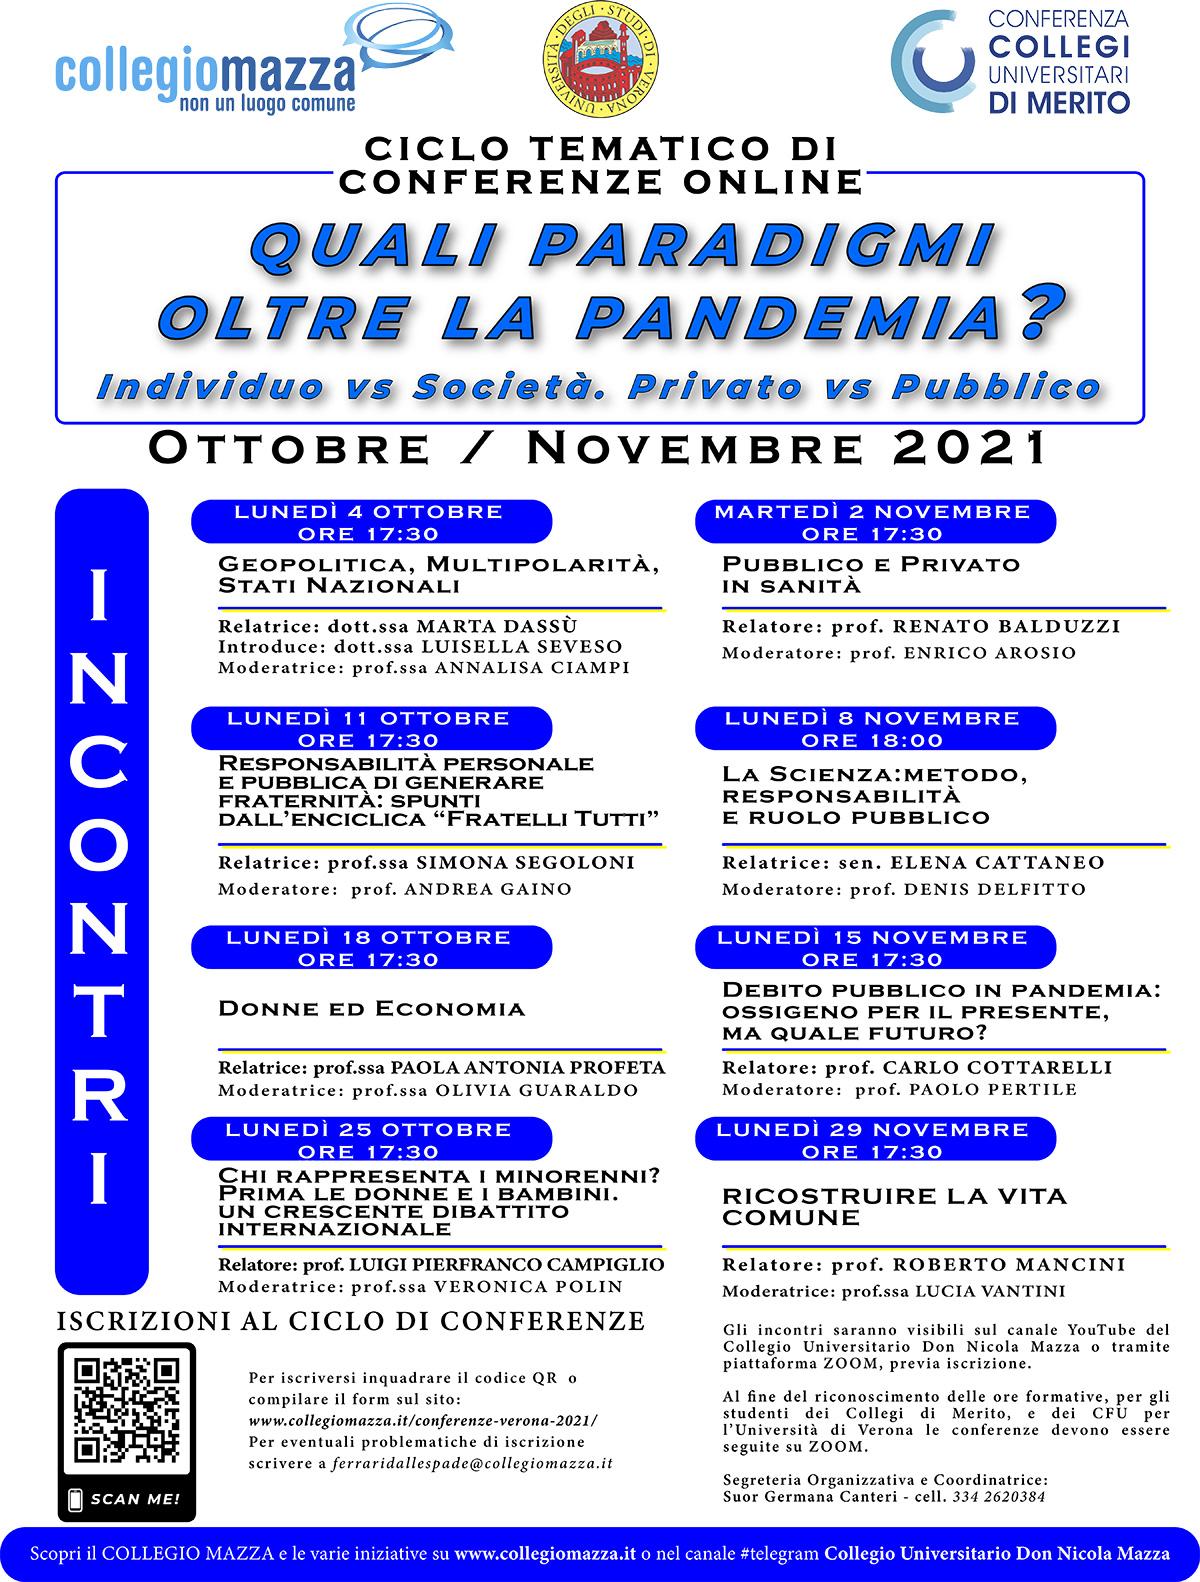 Ciclo di incontri online Ottobre / Novembre: Quali paradigmi oltre la pandemia?